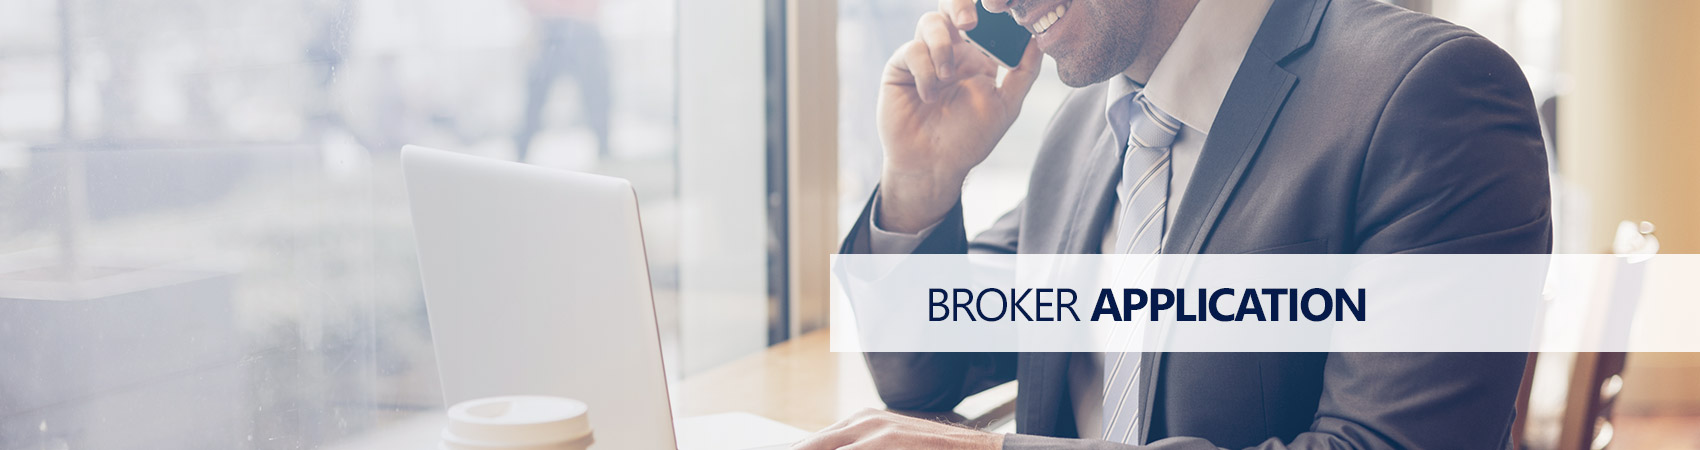 slide-broker